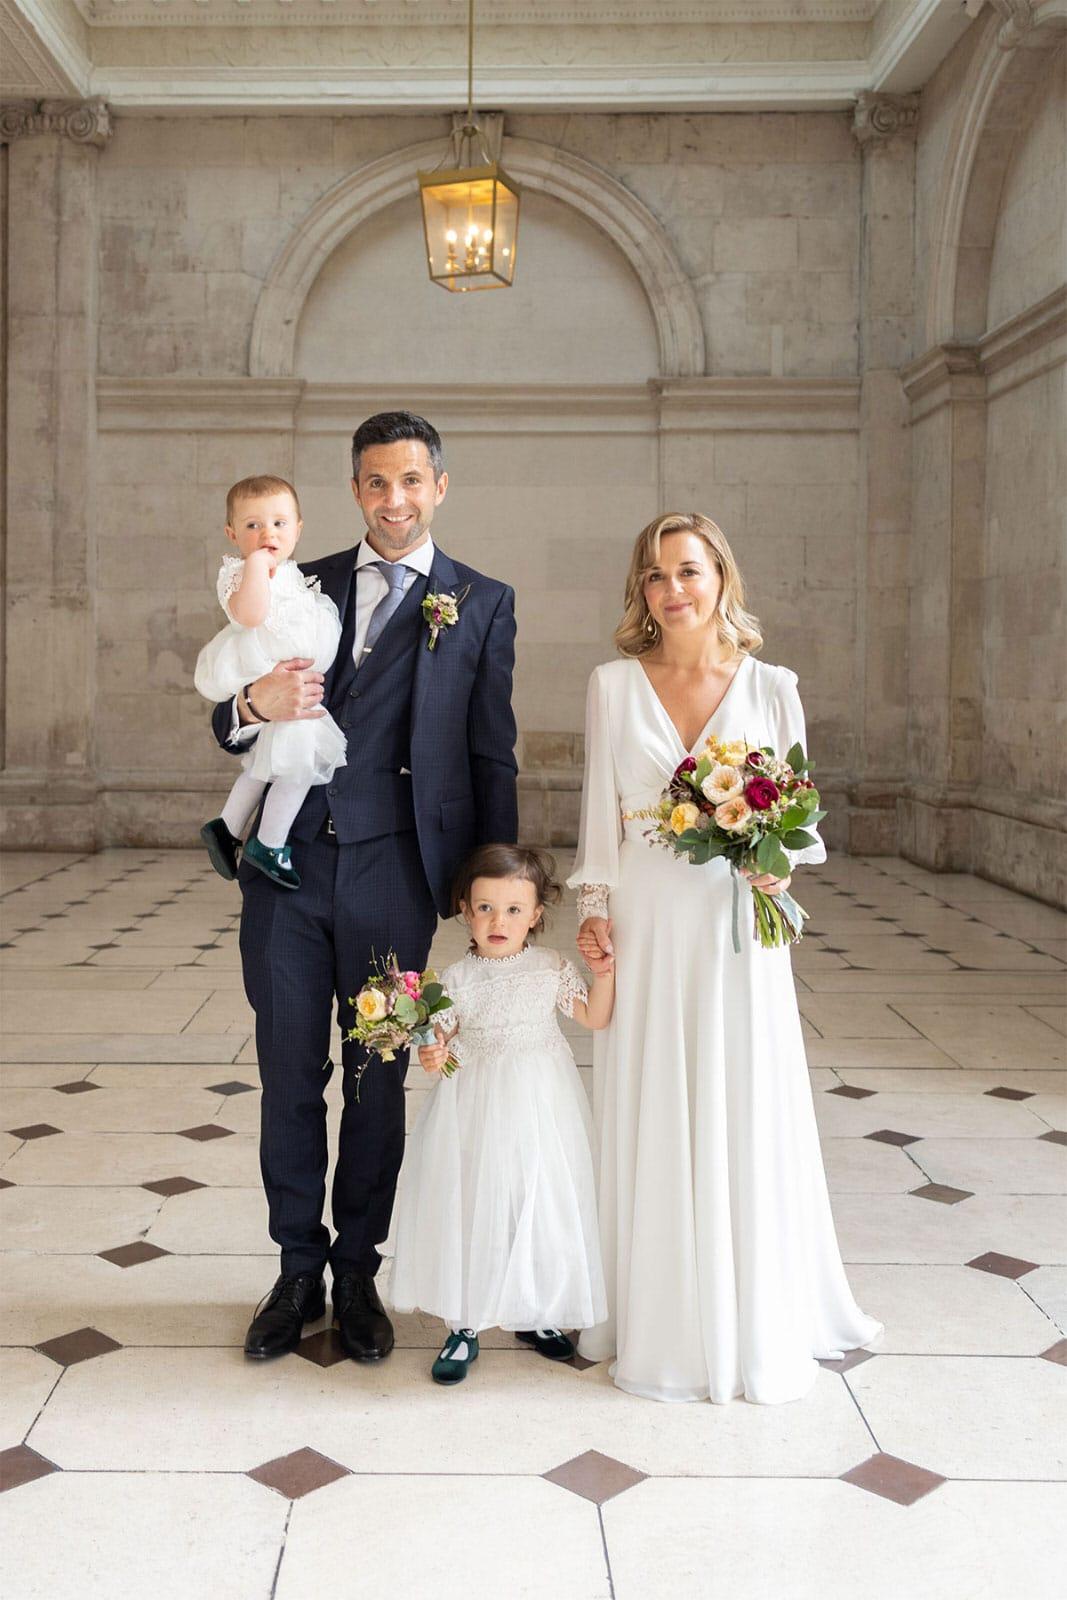 Family photos Dublin City Hall Shelbourne Hotel Wedding